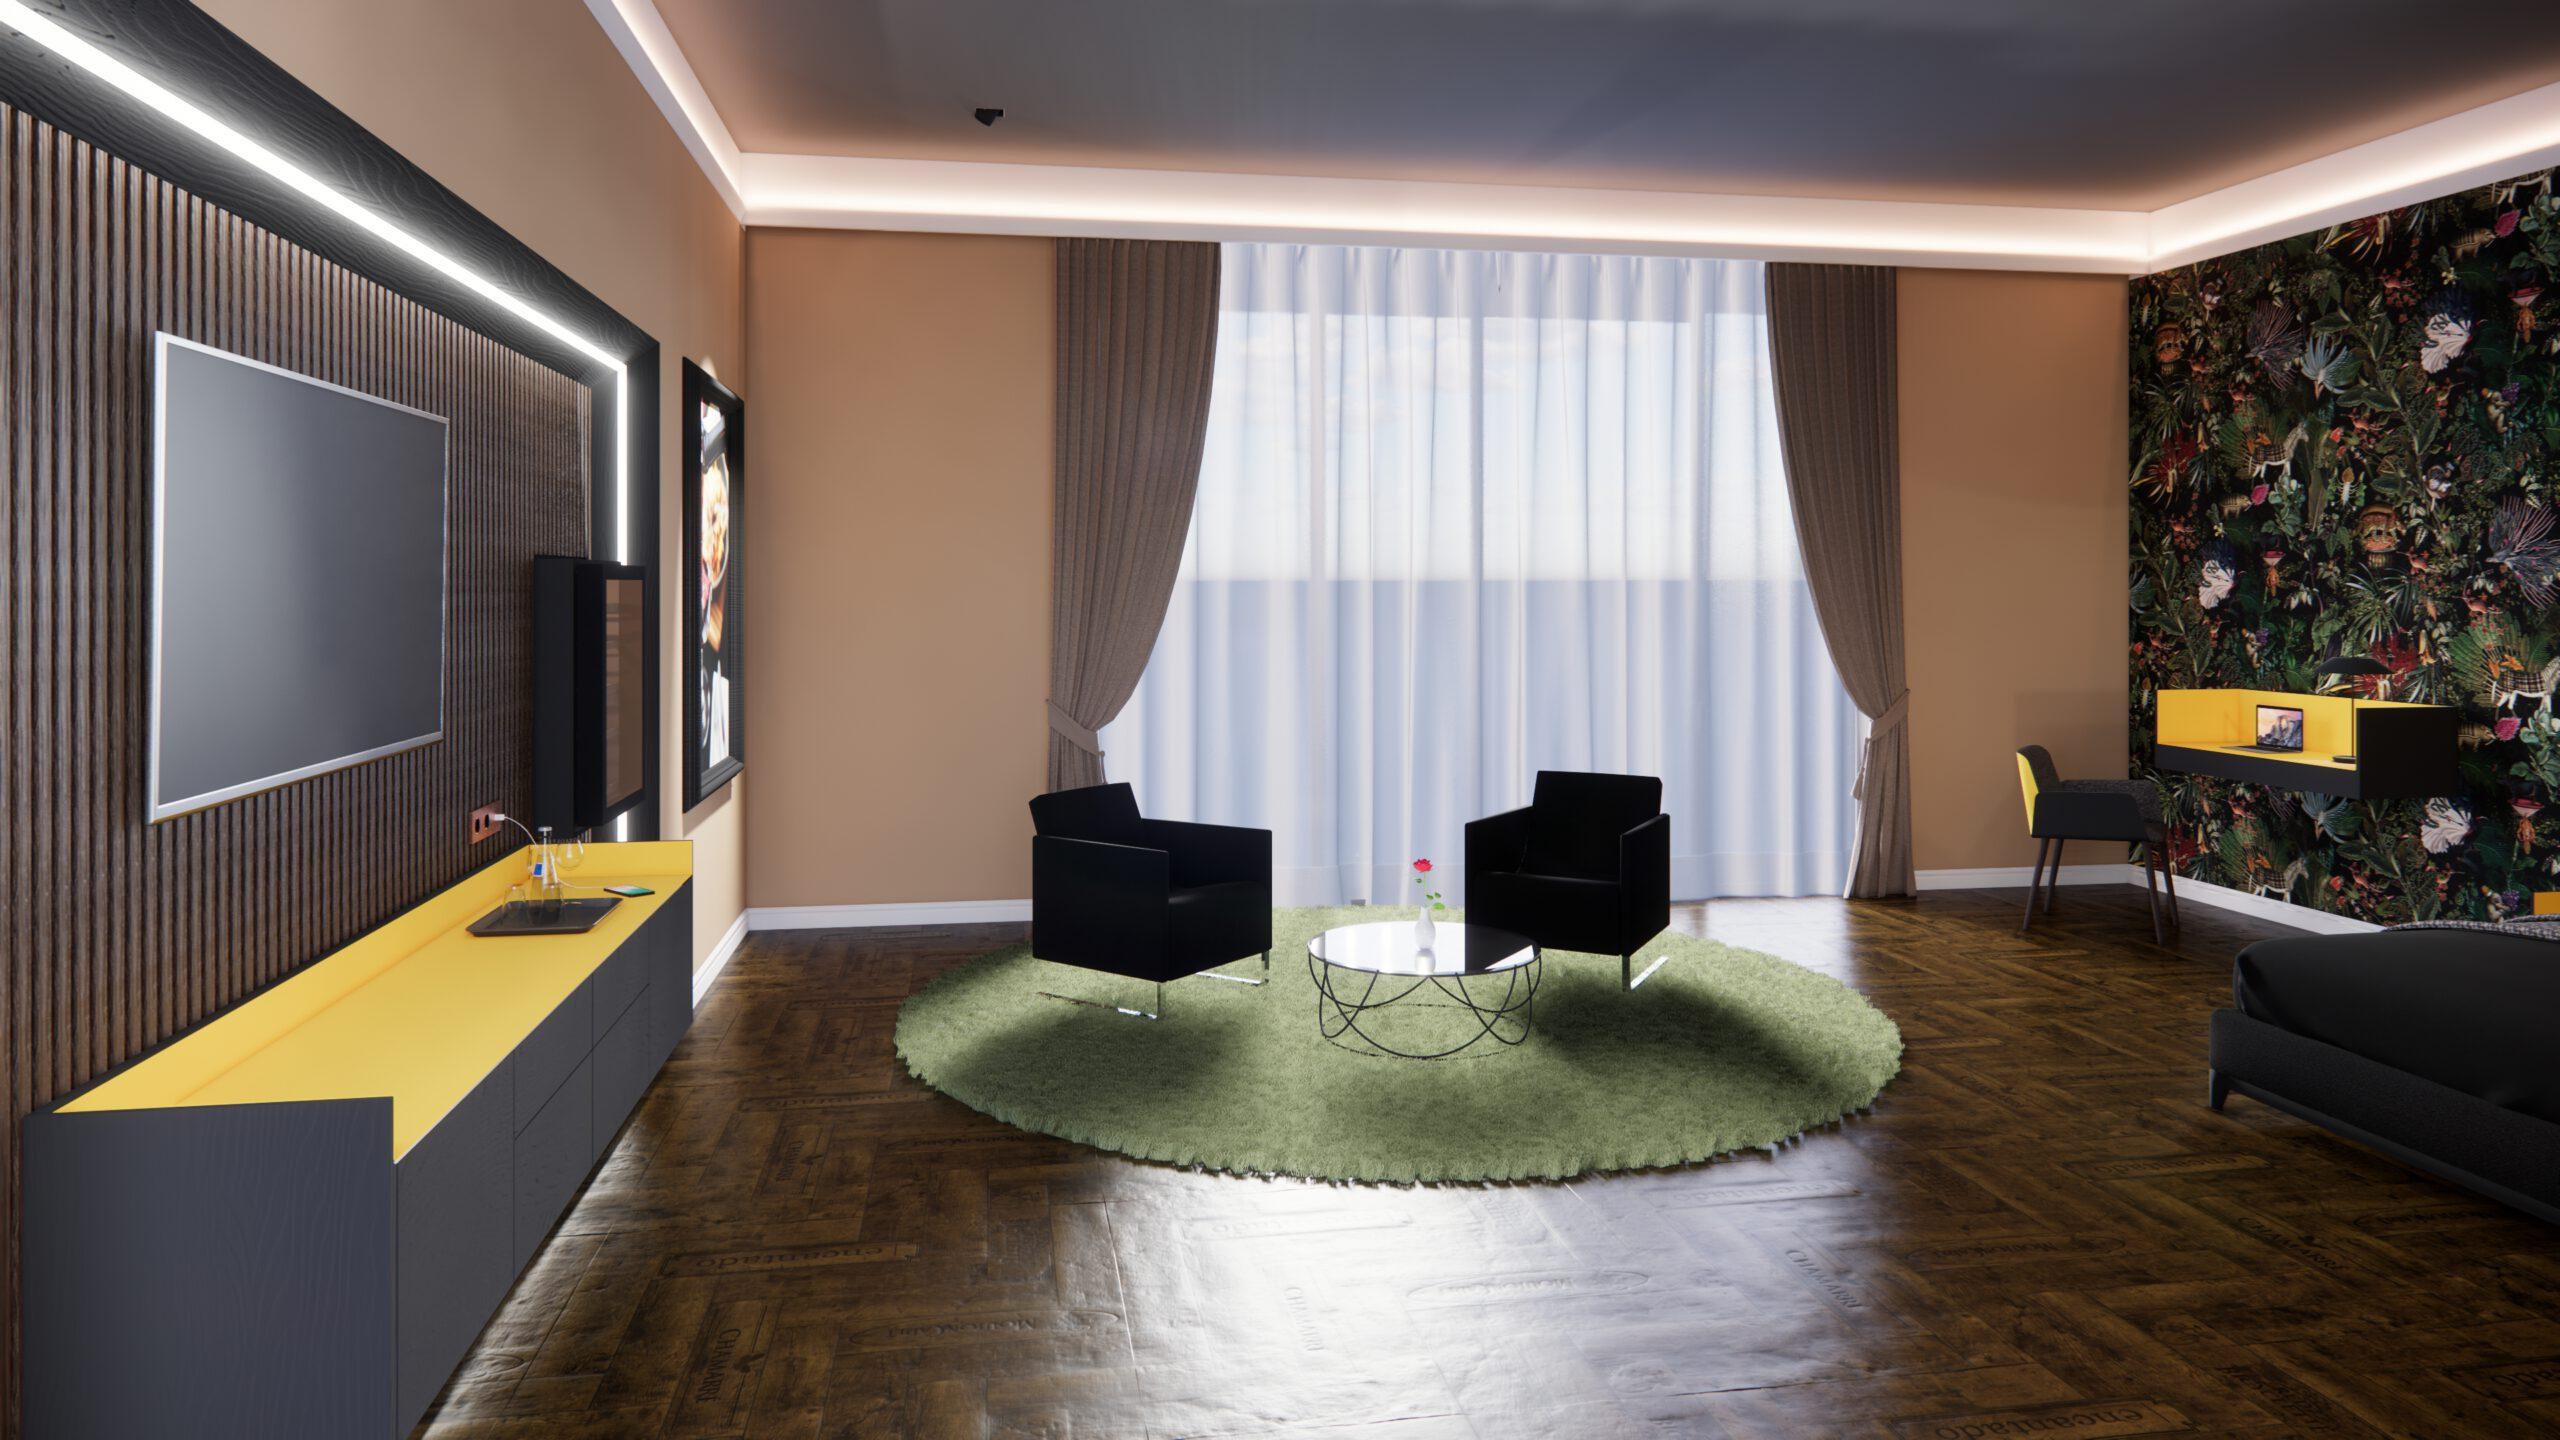 Hotelzimmer Hotel Wein Liebherr Weinkühlschrank Tepich Parkettboden Sessel Tisch Kaffe Lowboard TV Bild Beleuchtung Gardine Fenster